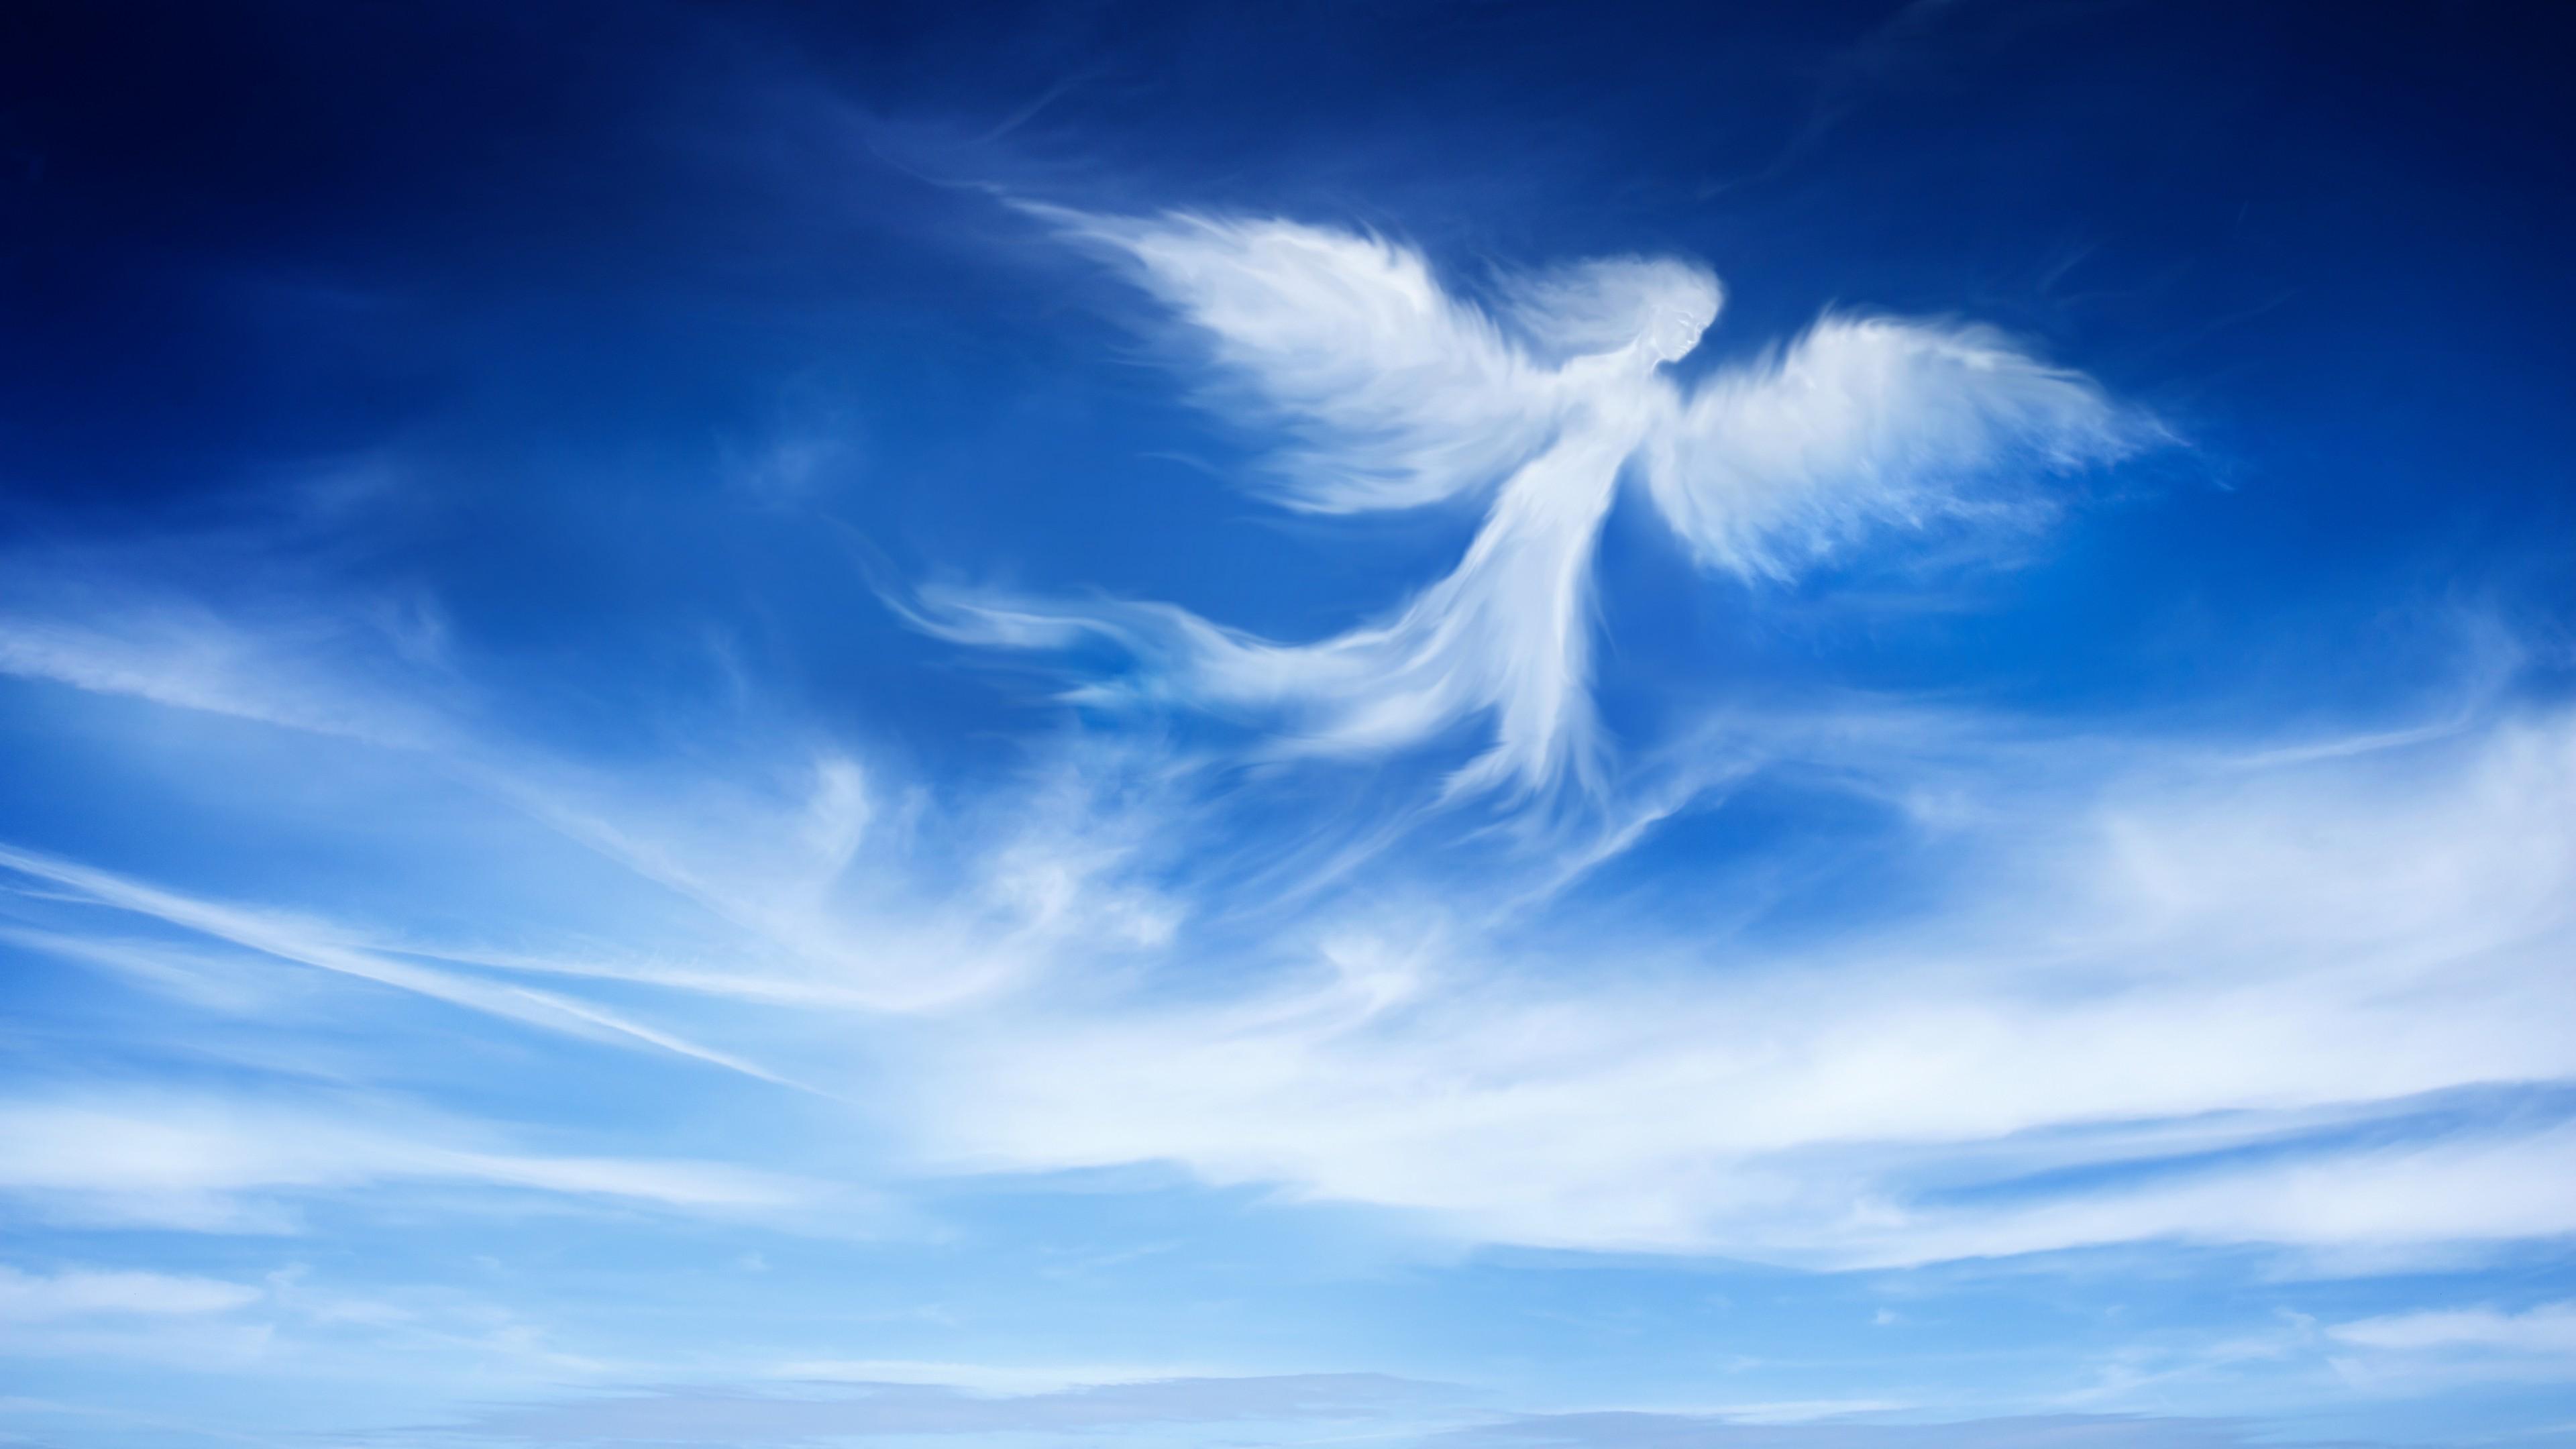 Ангел-птица парит над облаками